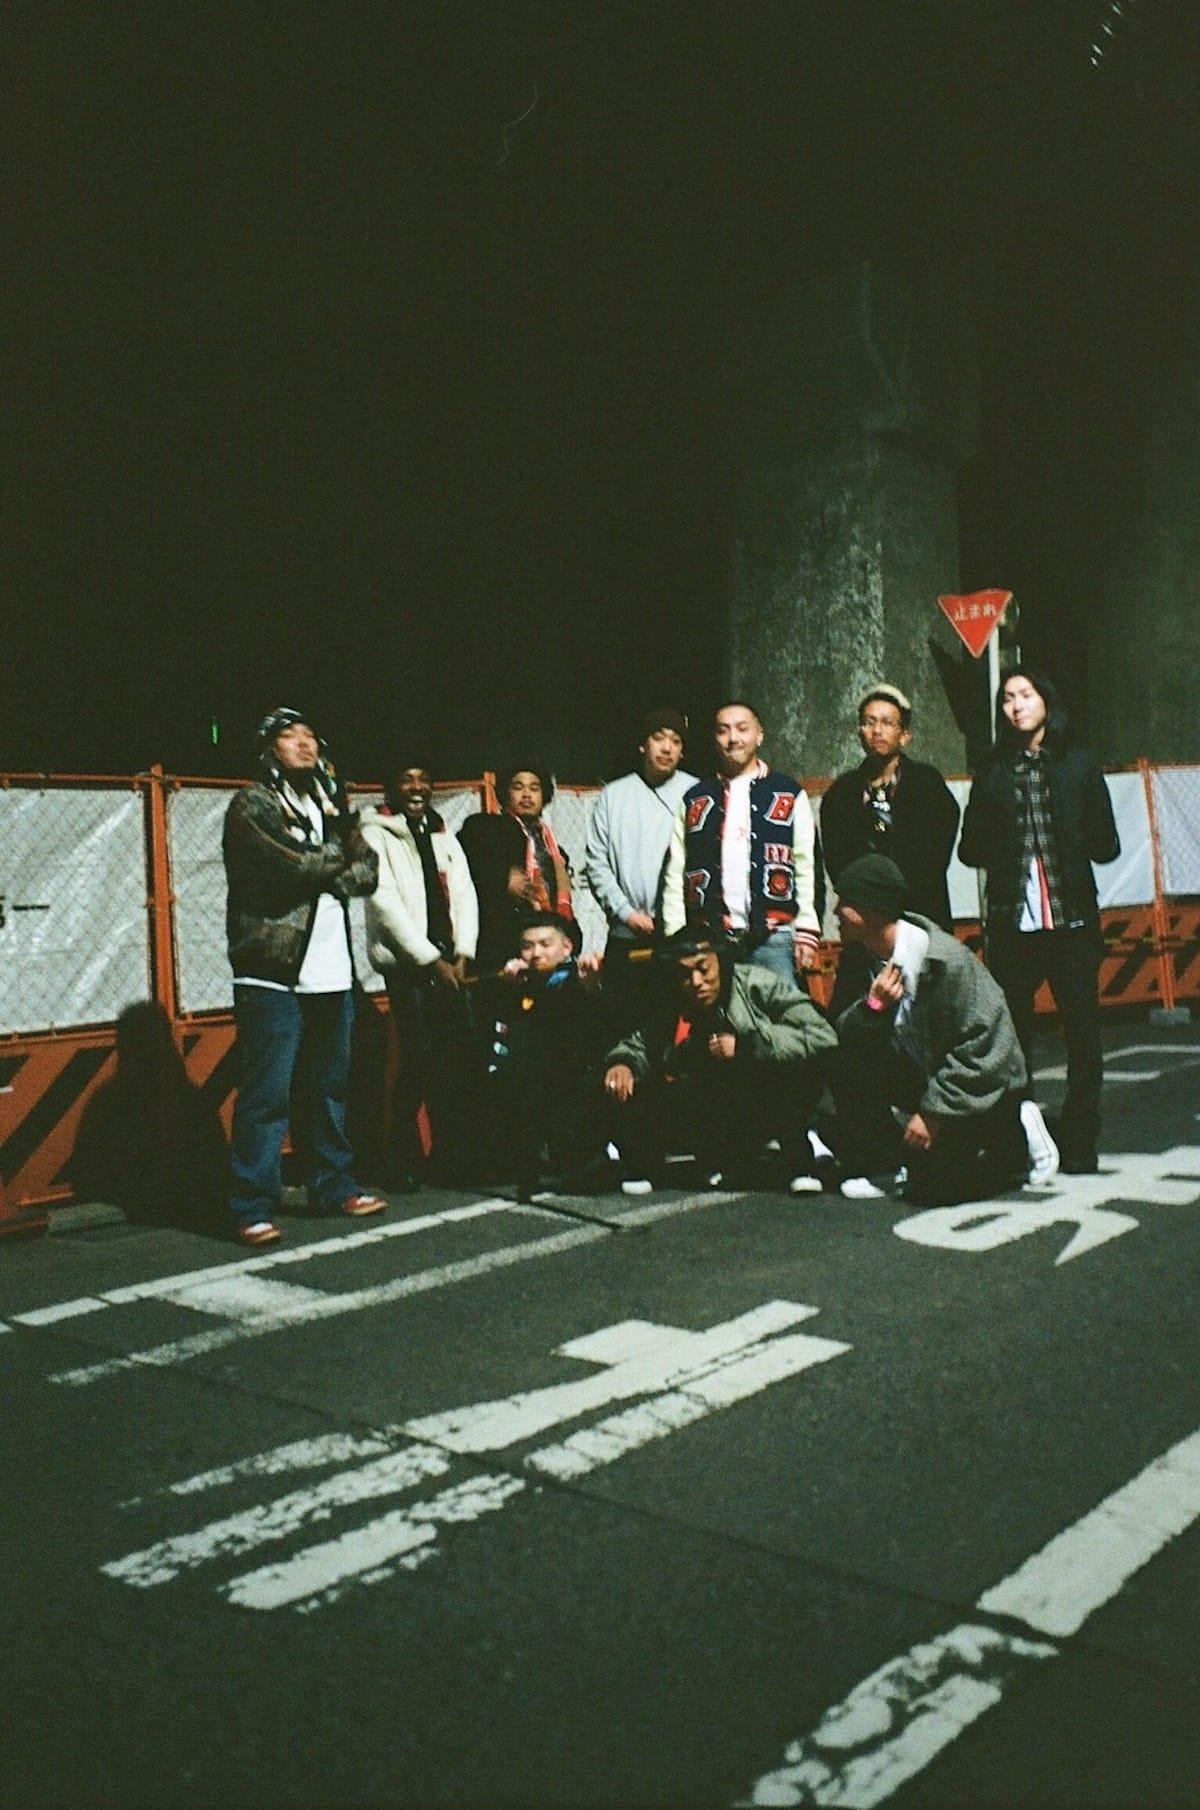 東京を拠点に活動するクリエイティブ集団・YouthQuakeがAWAでプレイリストとフィルム写真を公開 music180531-youthquake-awa-1-1200x1810